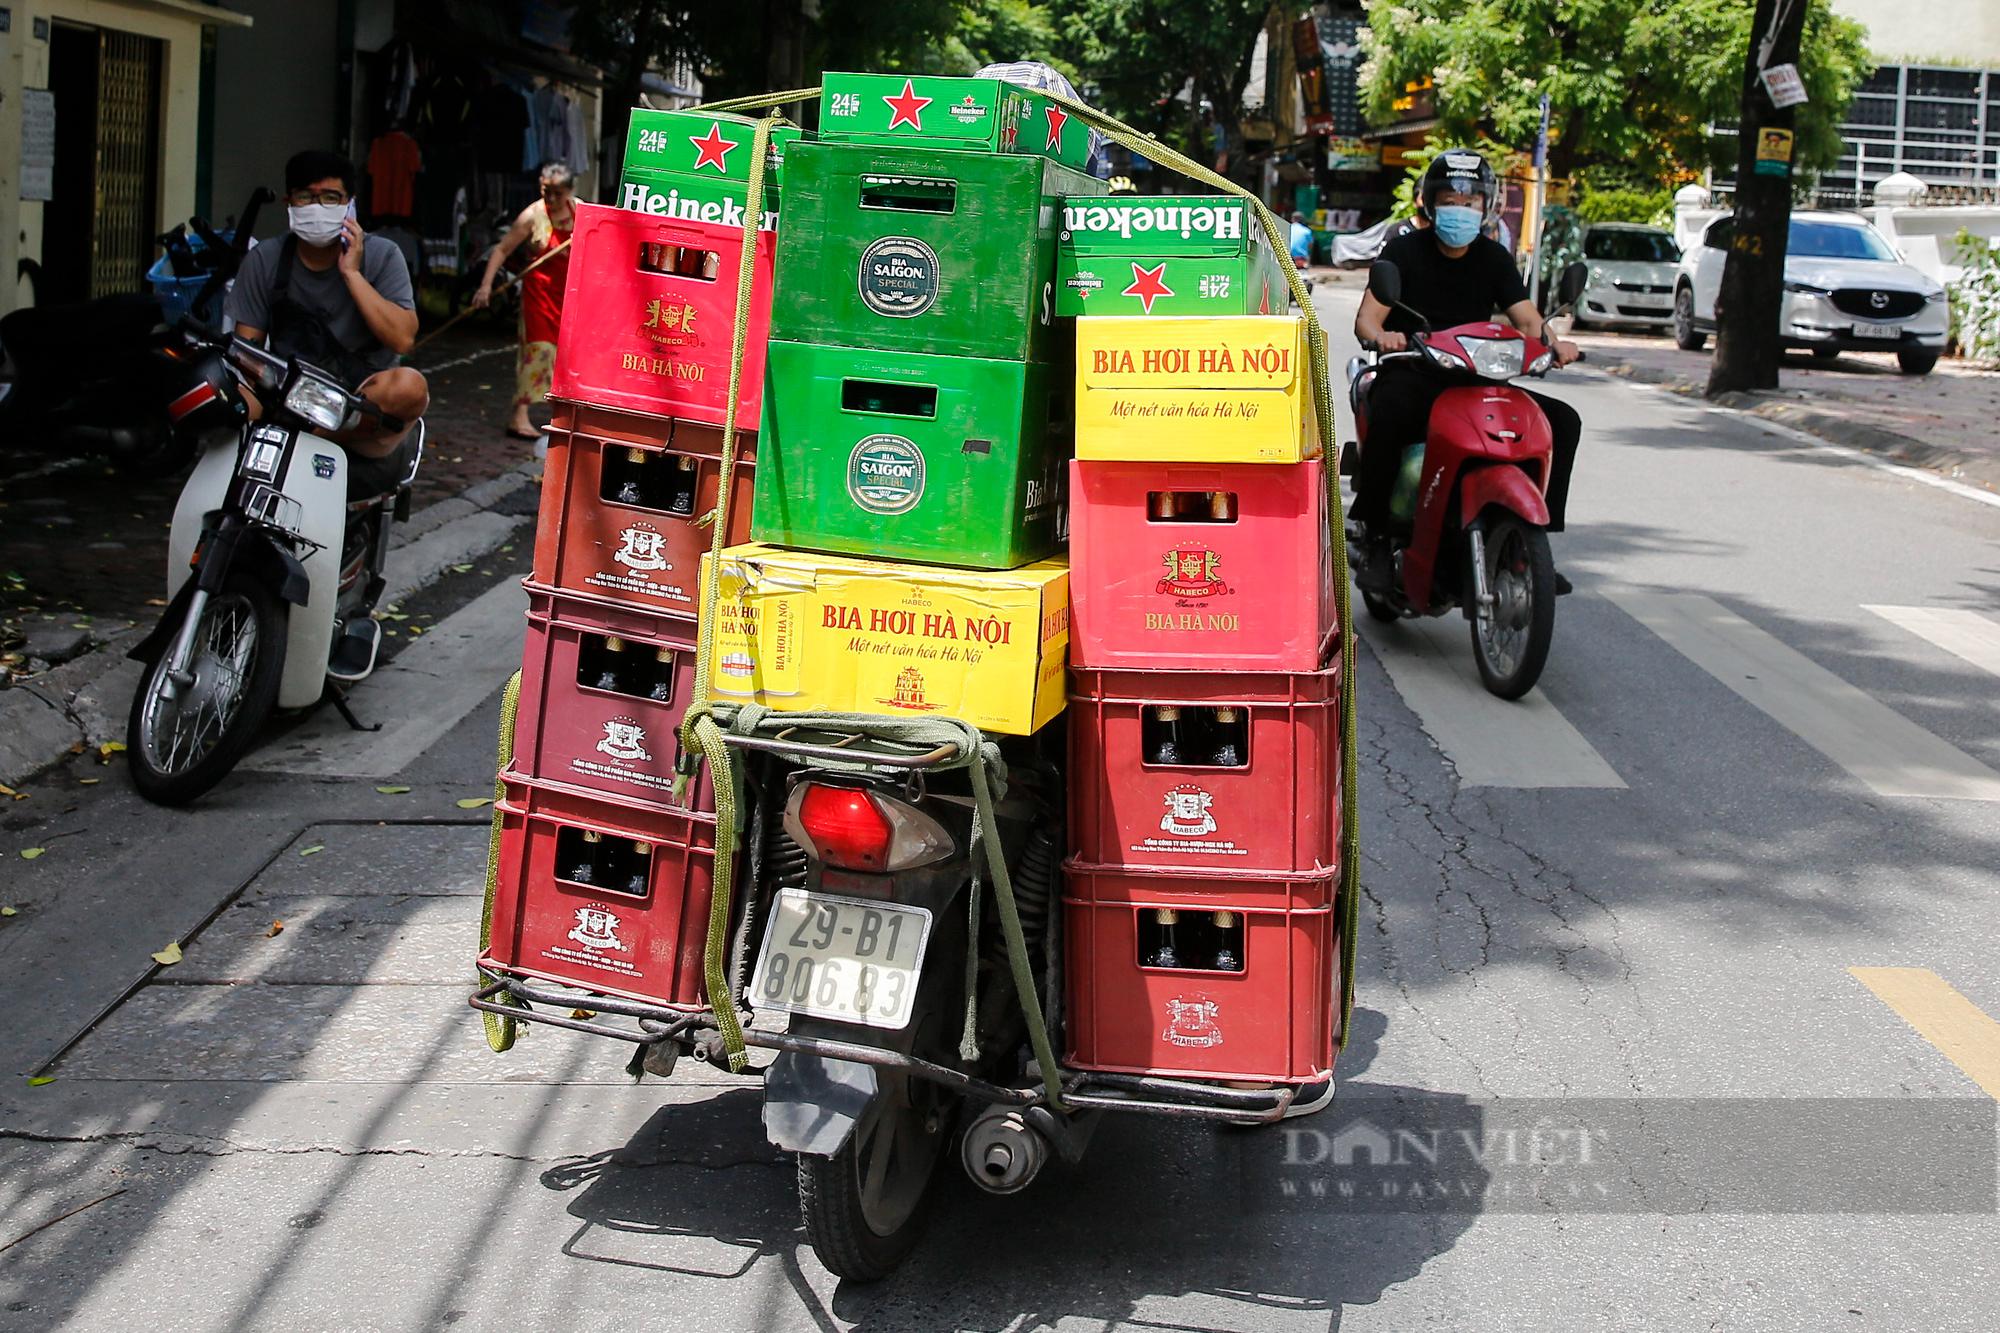 Bia hơi Hà Nội bắt đầu nhộn nhịp người mua mang về  - Ảnh 11.